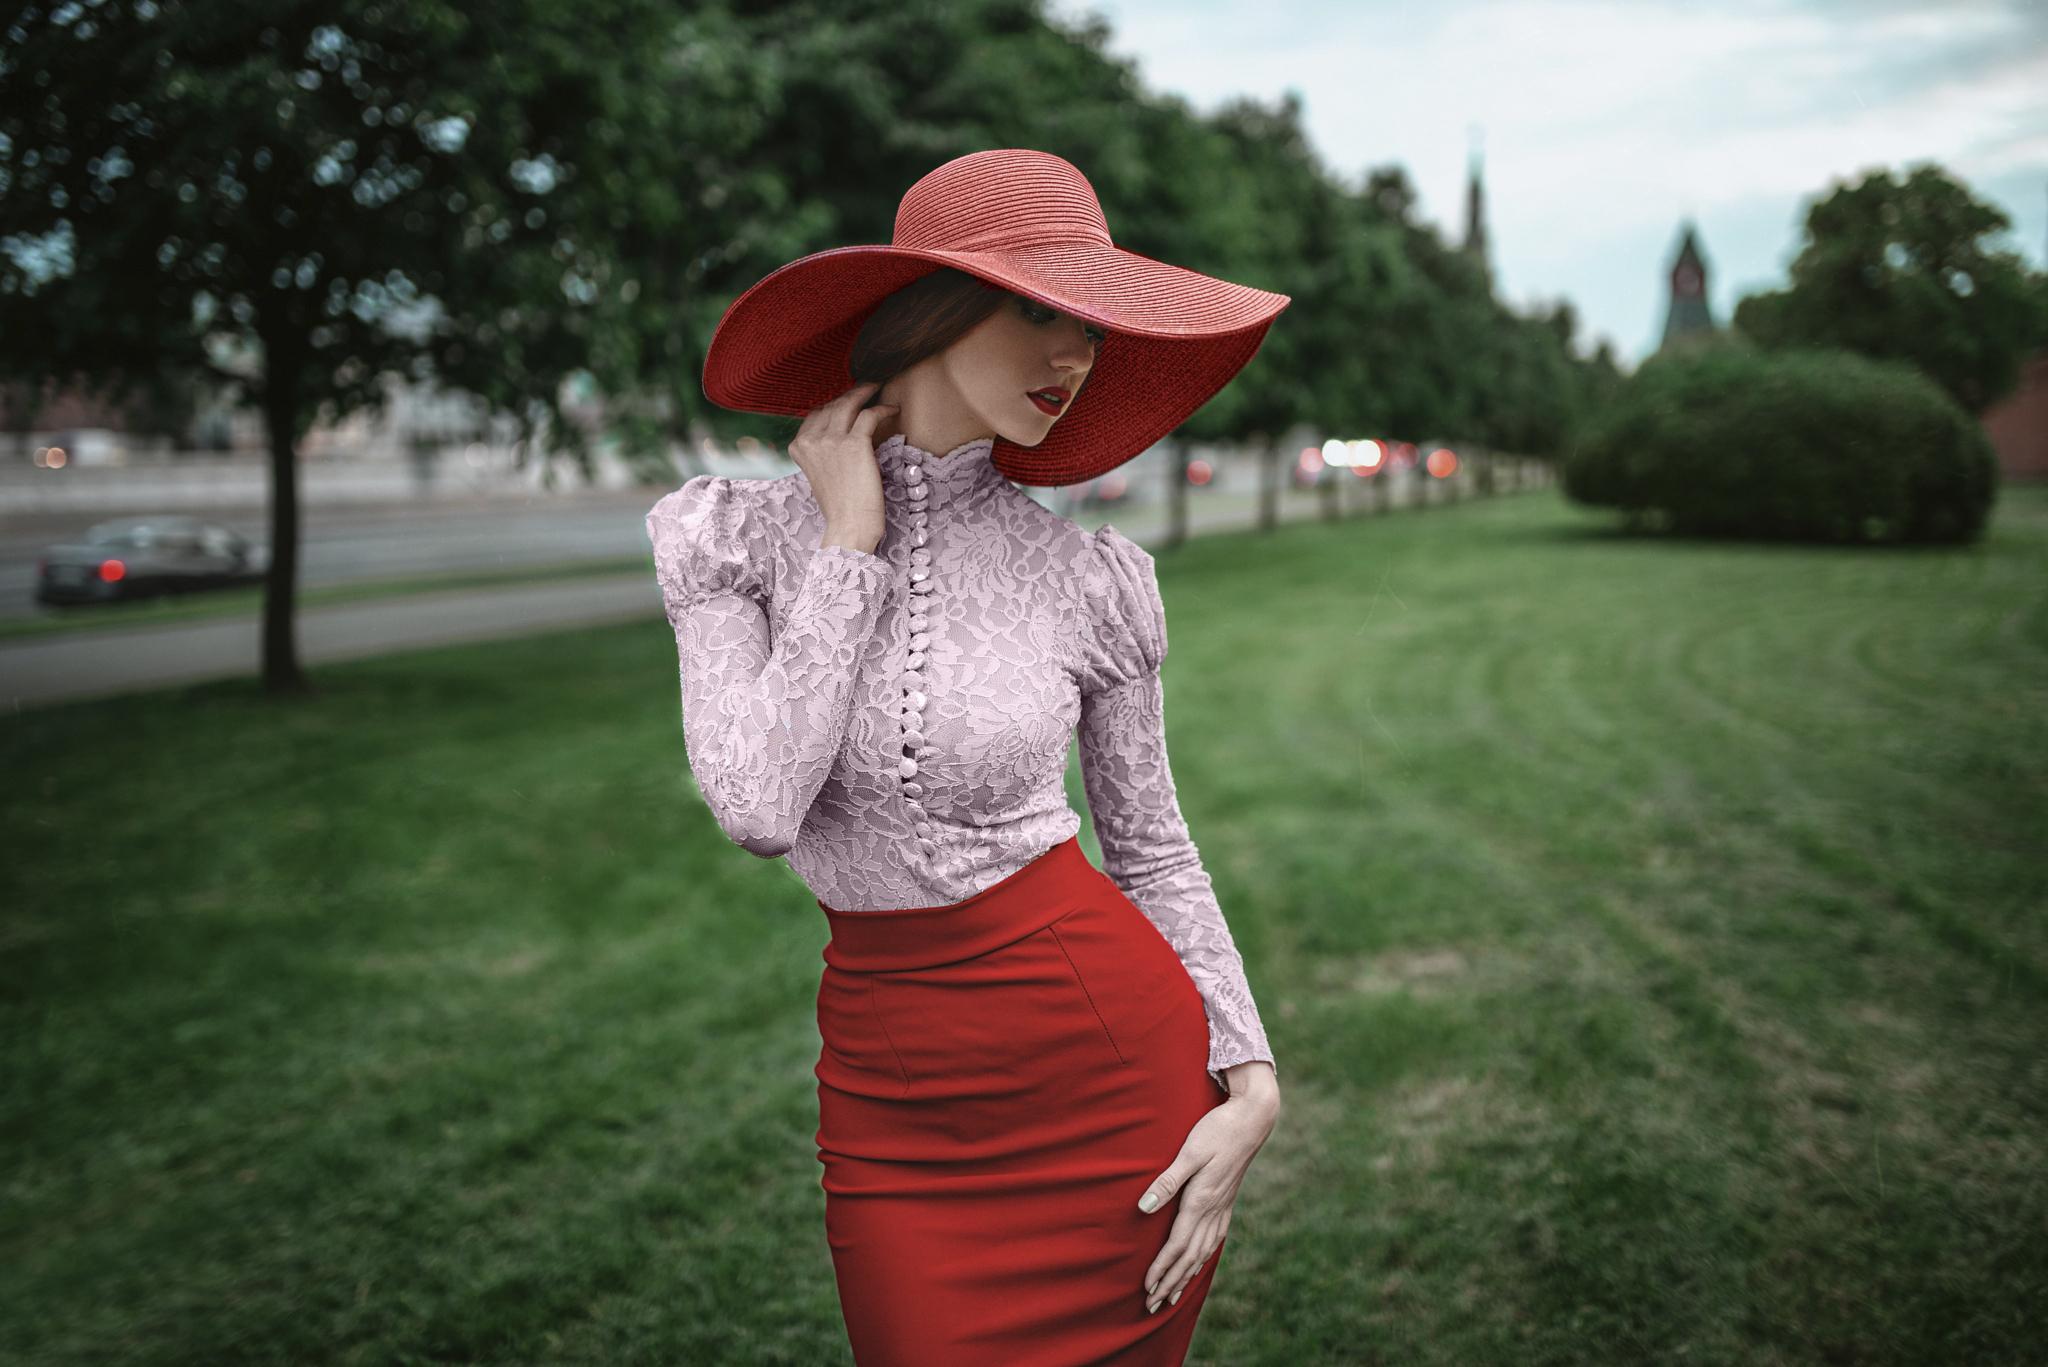 француженка в красной шляпе  № 156121 загрузить